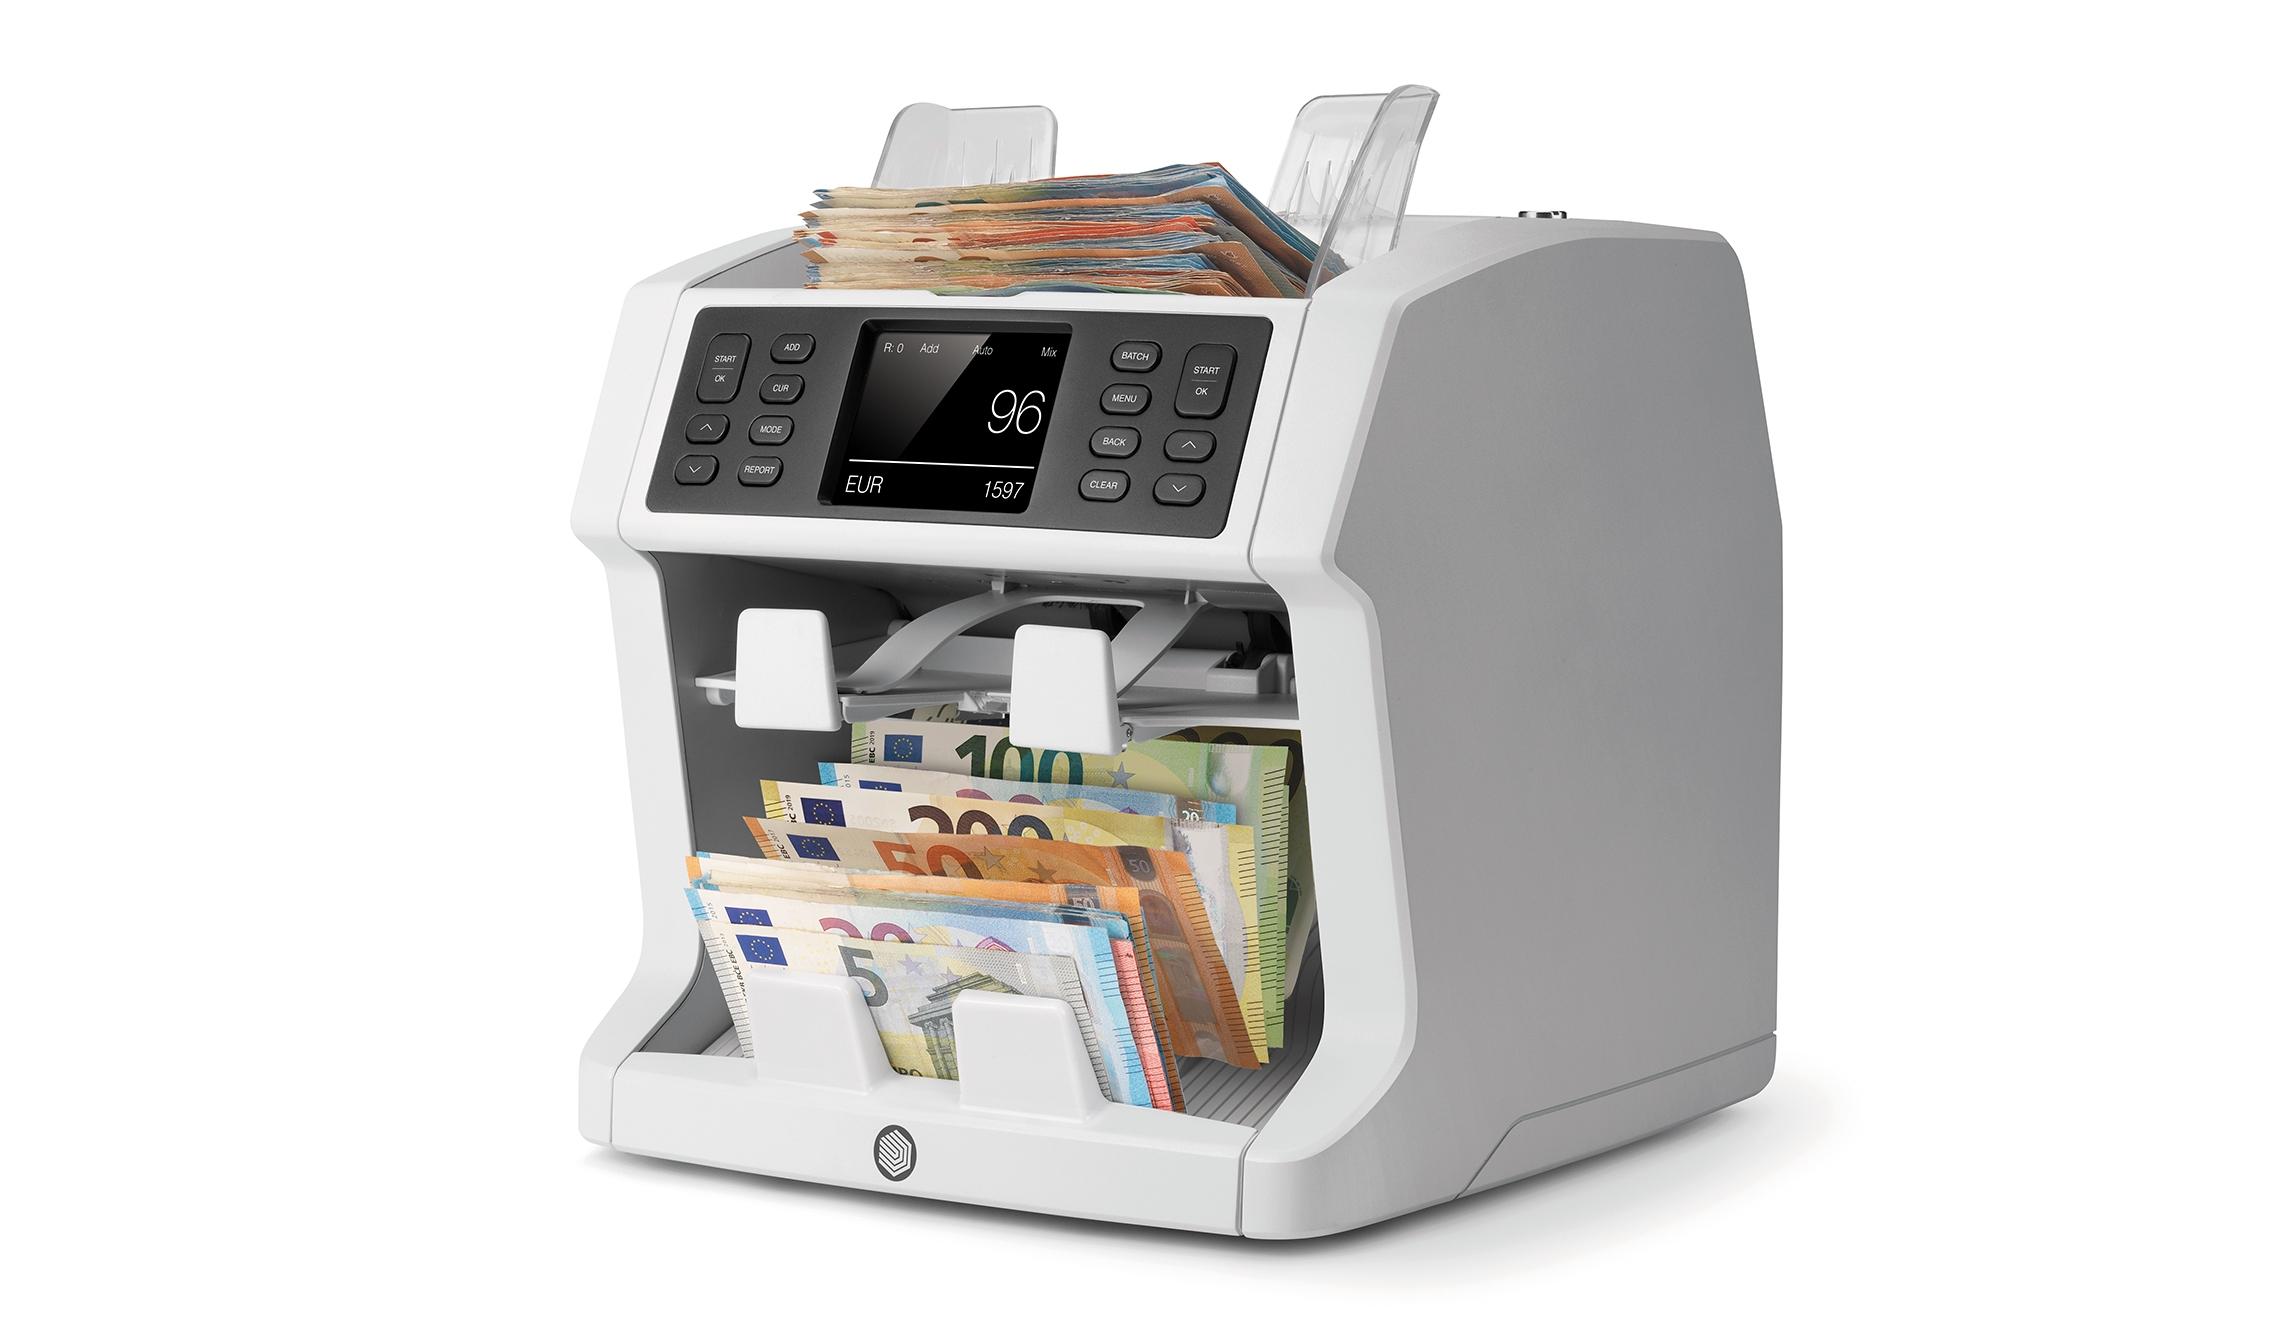 safescan-2985-sx-biljettelmachine